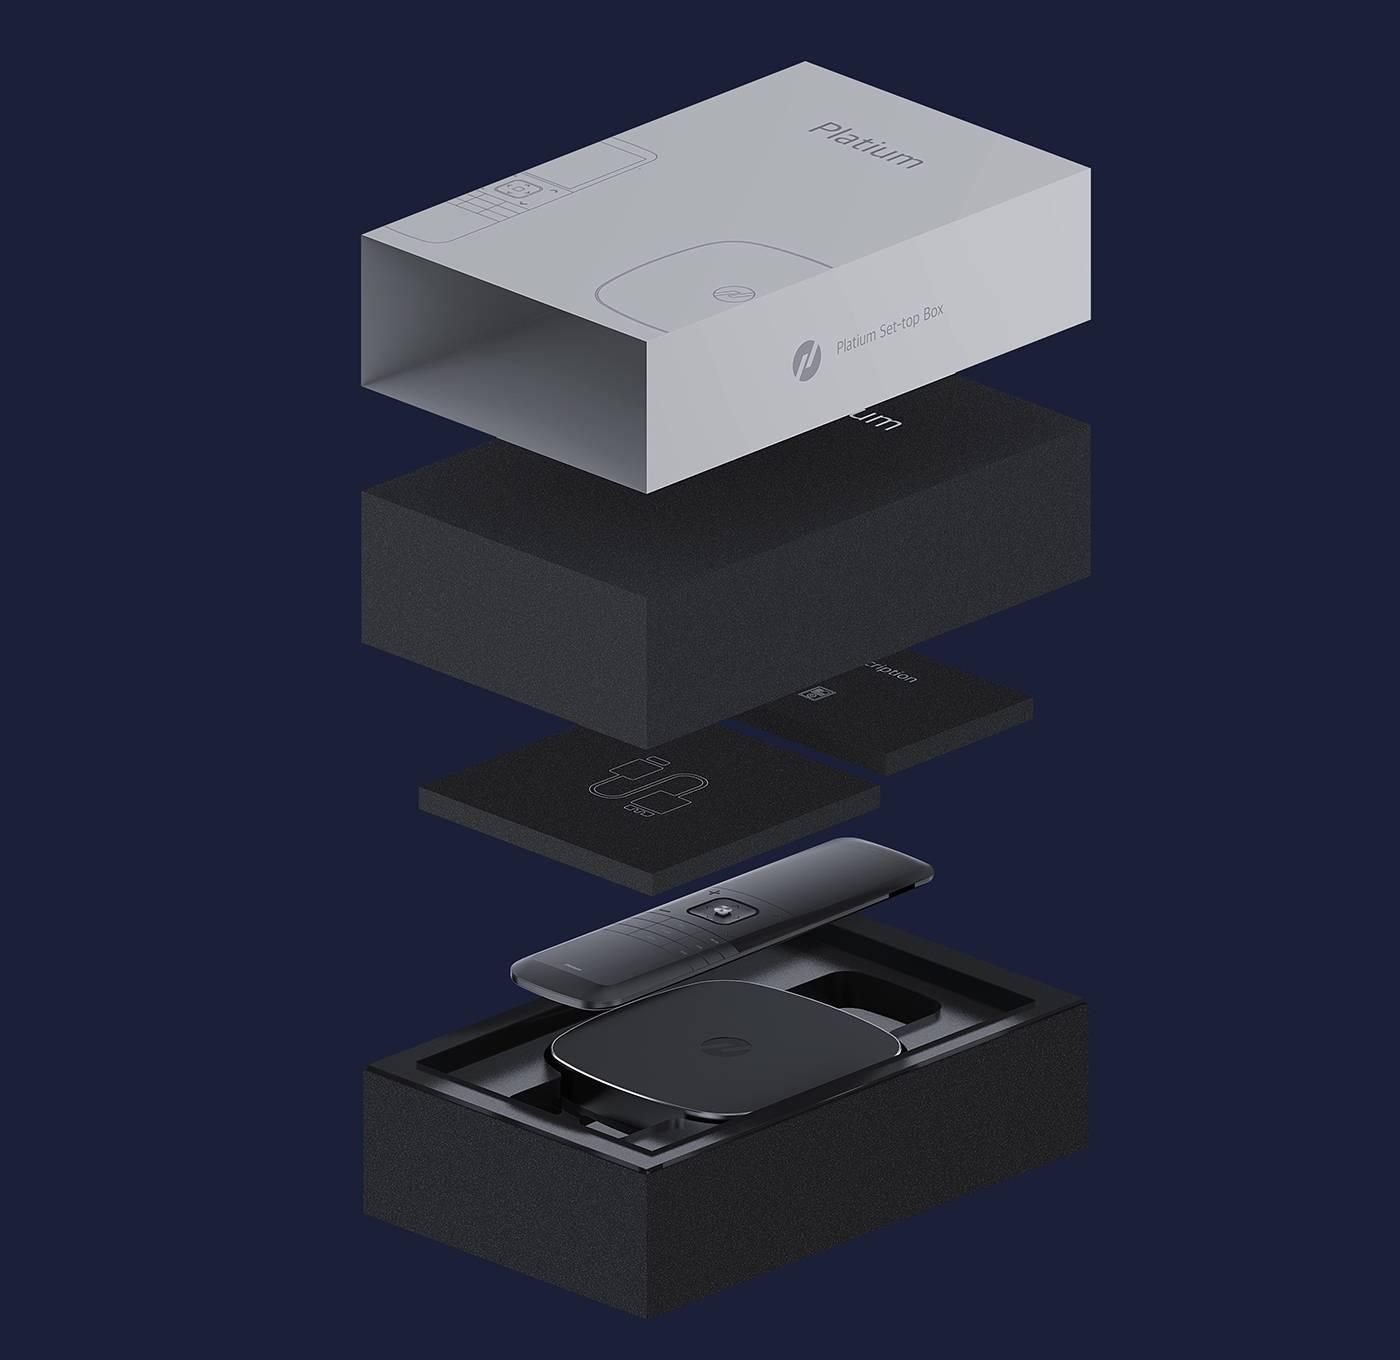 遥控器与机顶盒设计